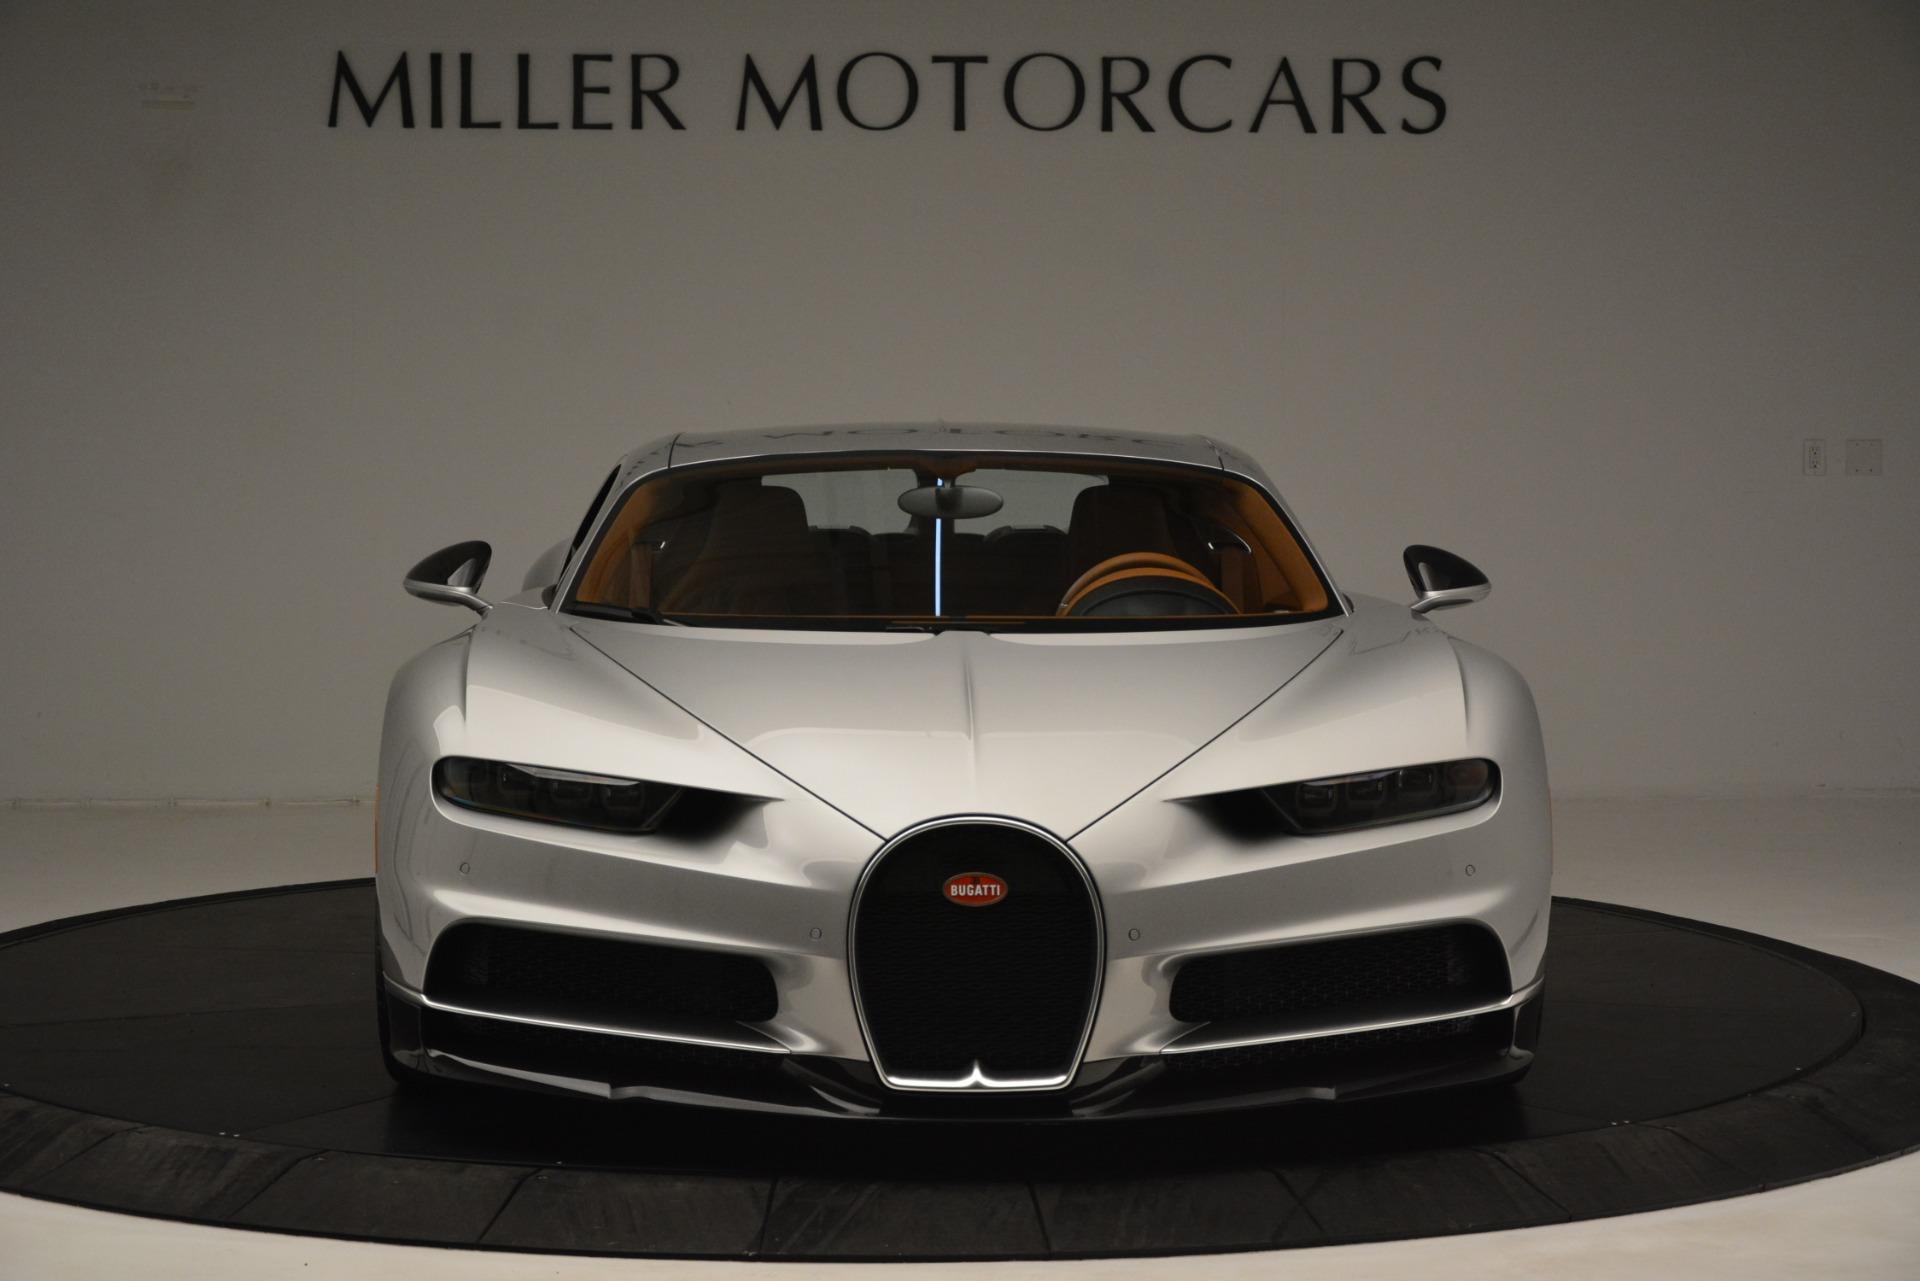 Used 2019 Bugatti Chiron  For Sale In Greenwich, CT 3048_p13